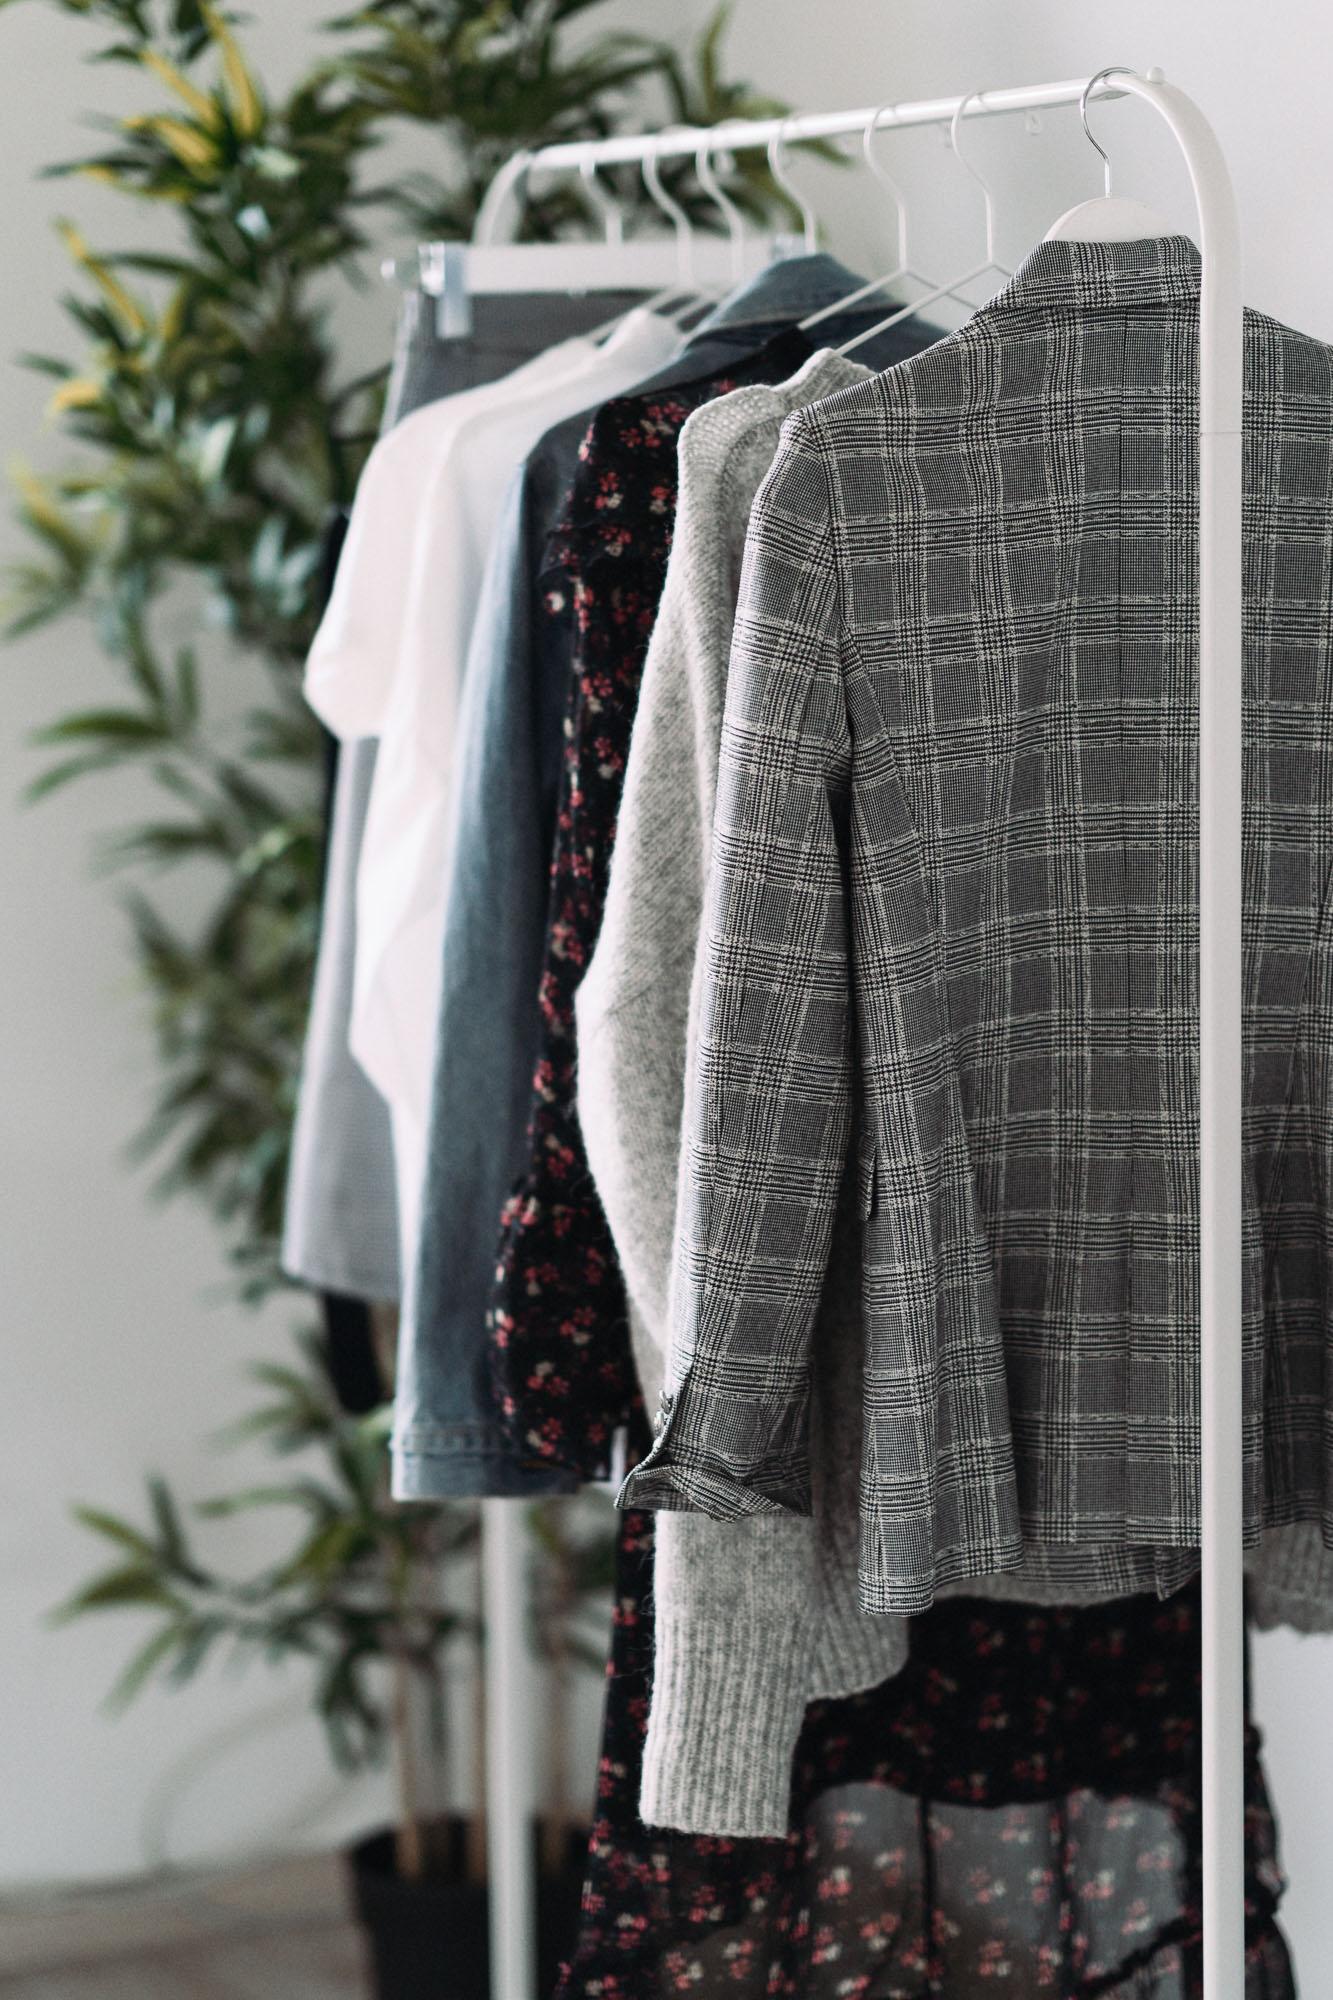 Garderoba kapsułkowa zawiera podstawowe ubrania